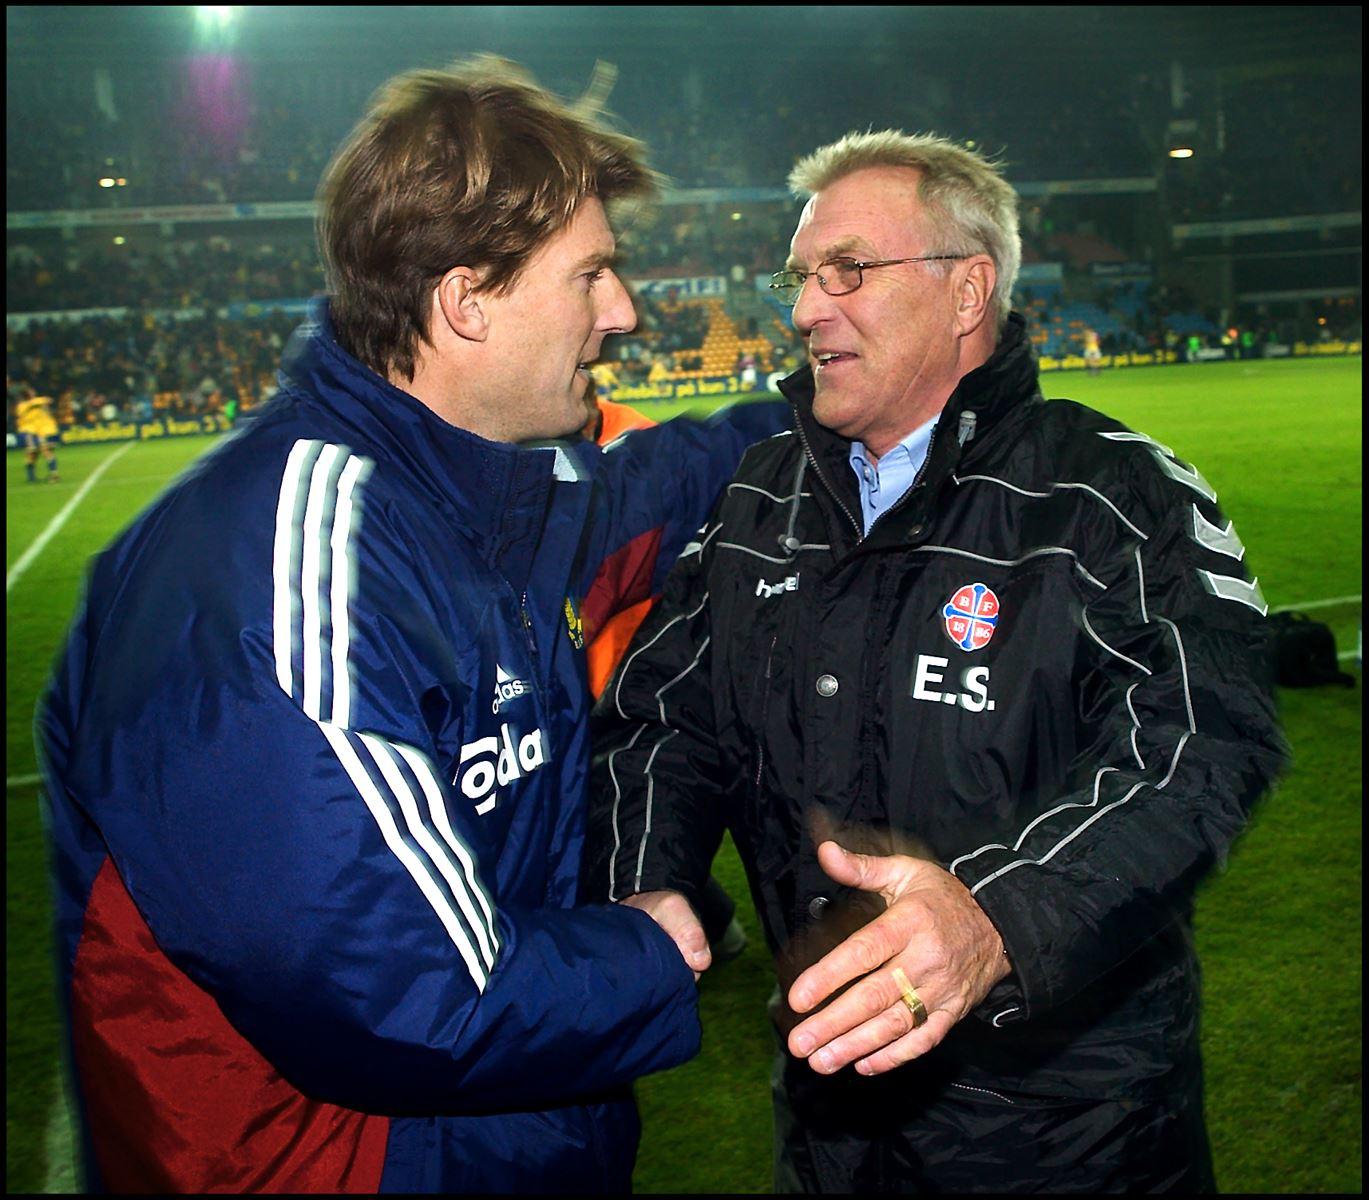 Fodboldtræneren Ebbe Skovdahl hilser på sin nevø Michael Laudrup efter en kamp i 2003